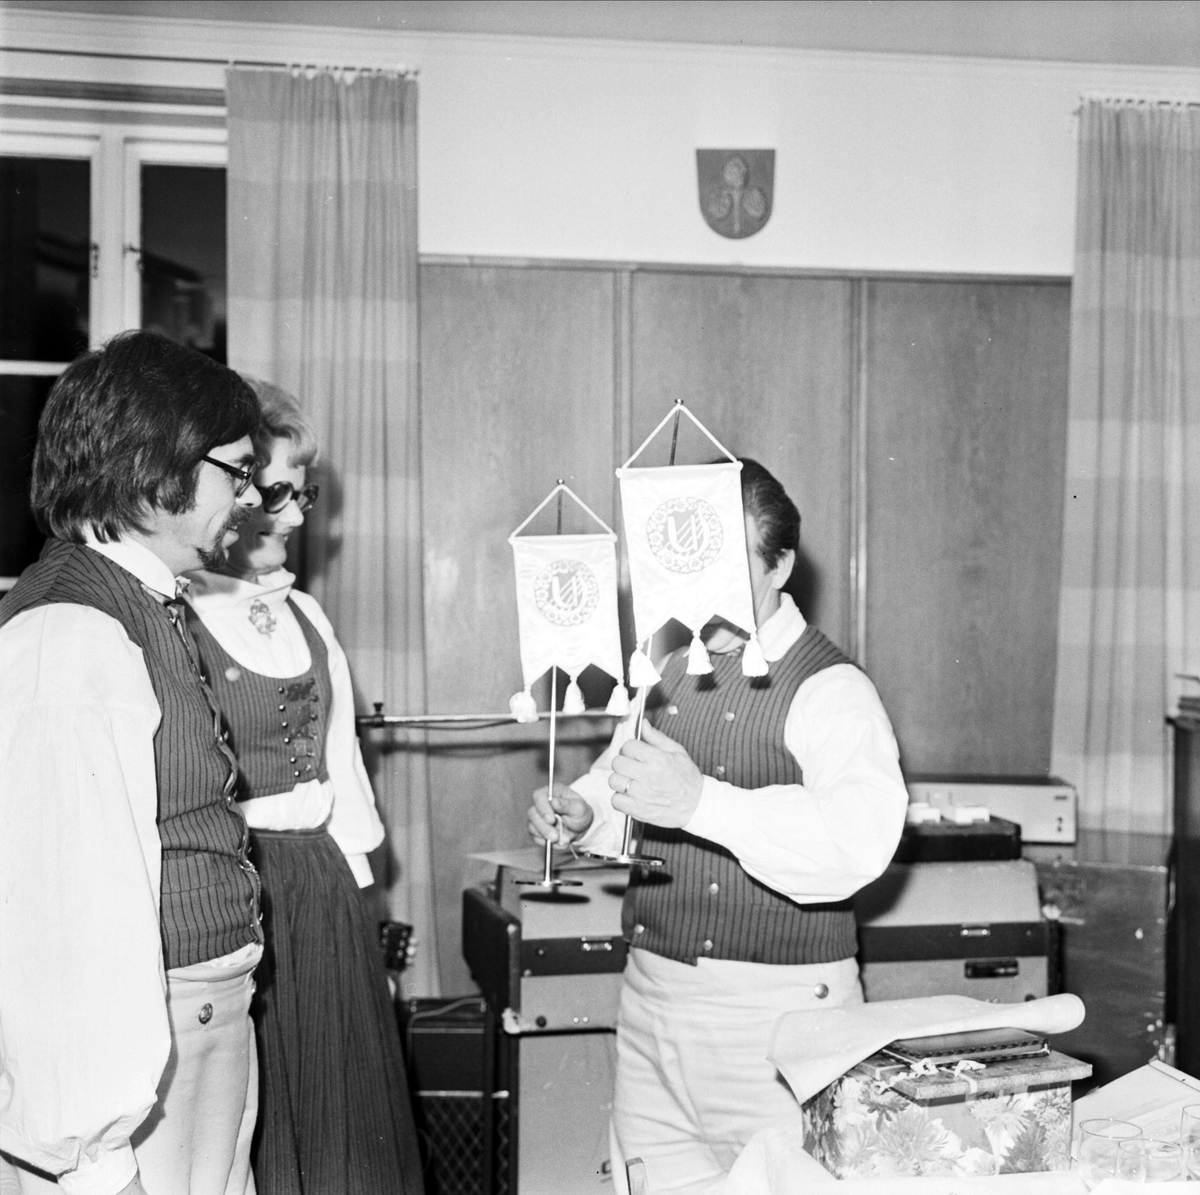 """""""Strömsbergsbor har nigit och kutat runt i 20 år"""", Strömsbergs bruk, Tolfta socken, Uppland oktober 1973"""